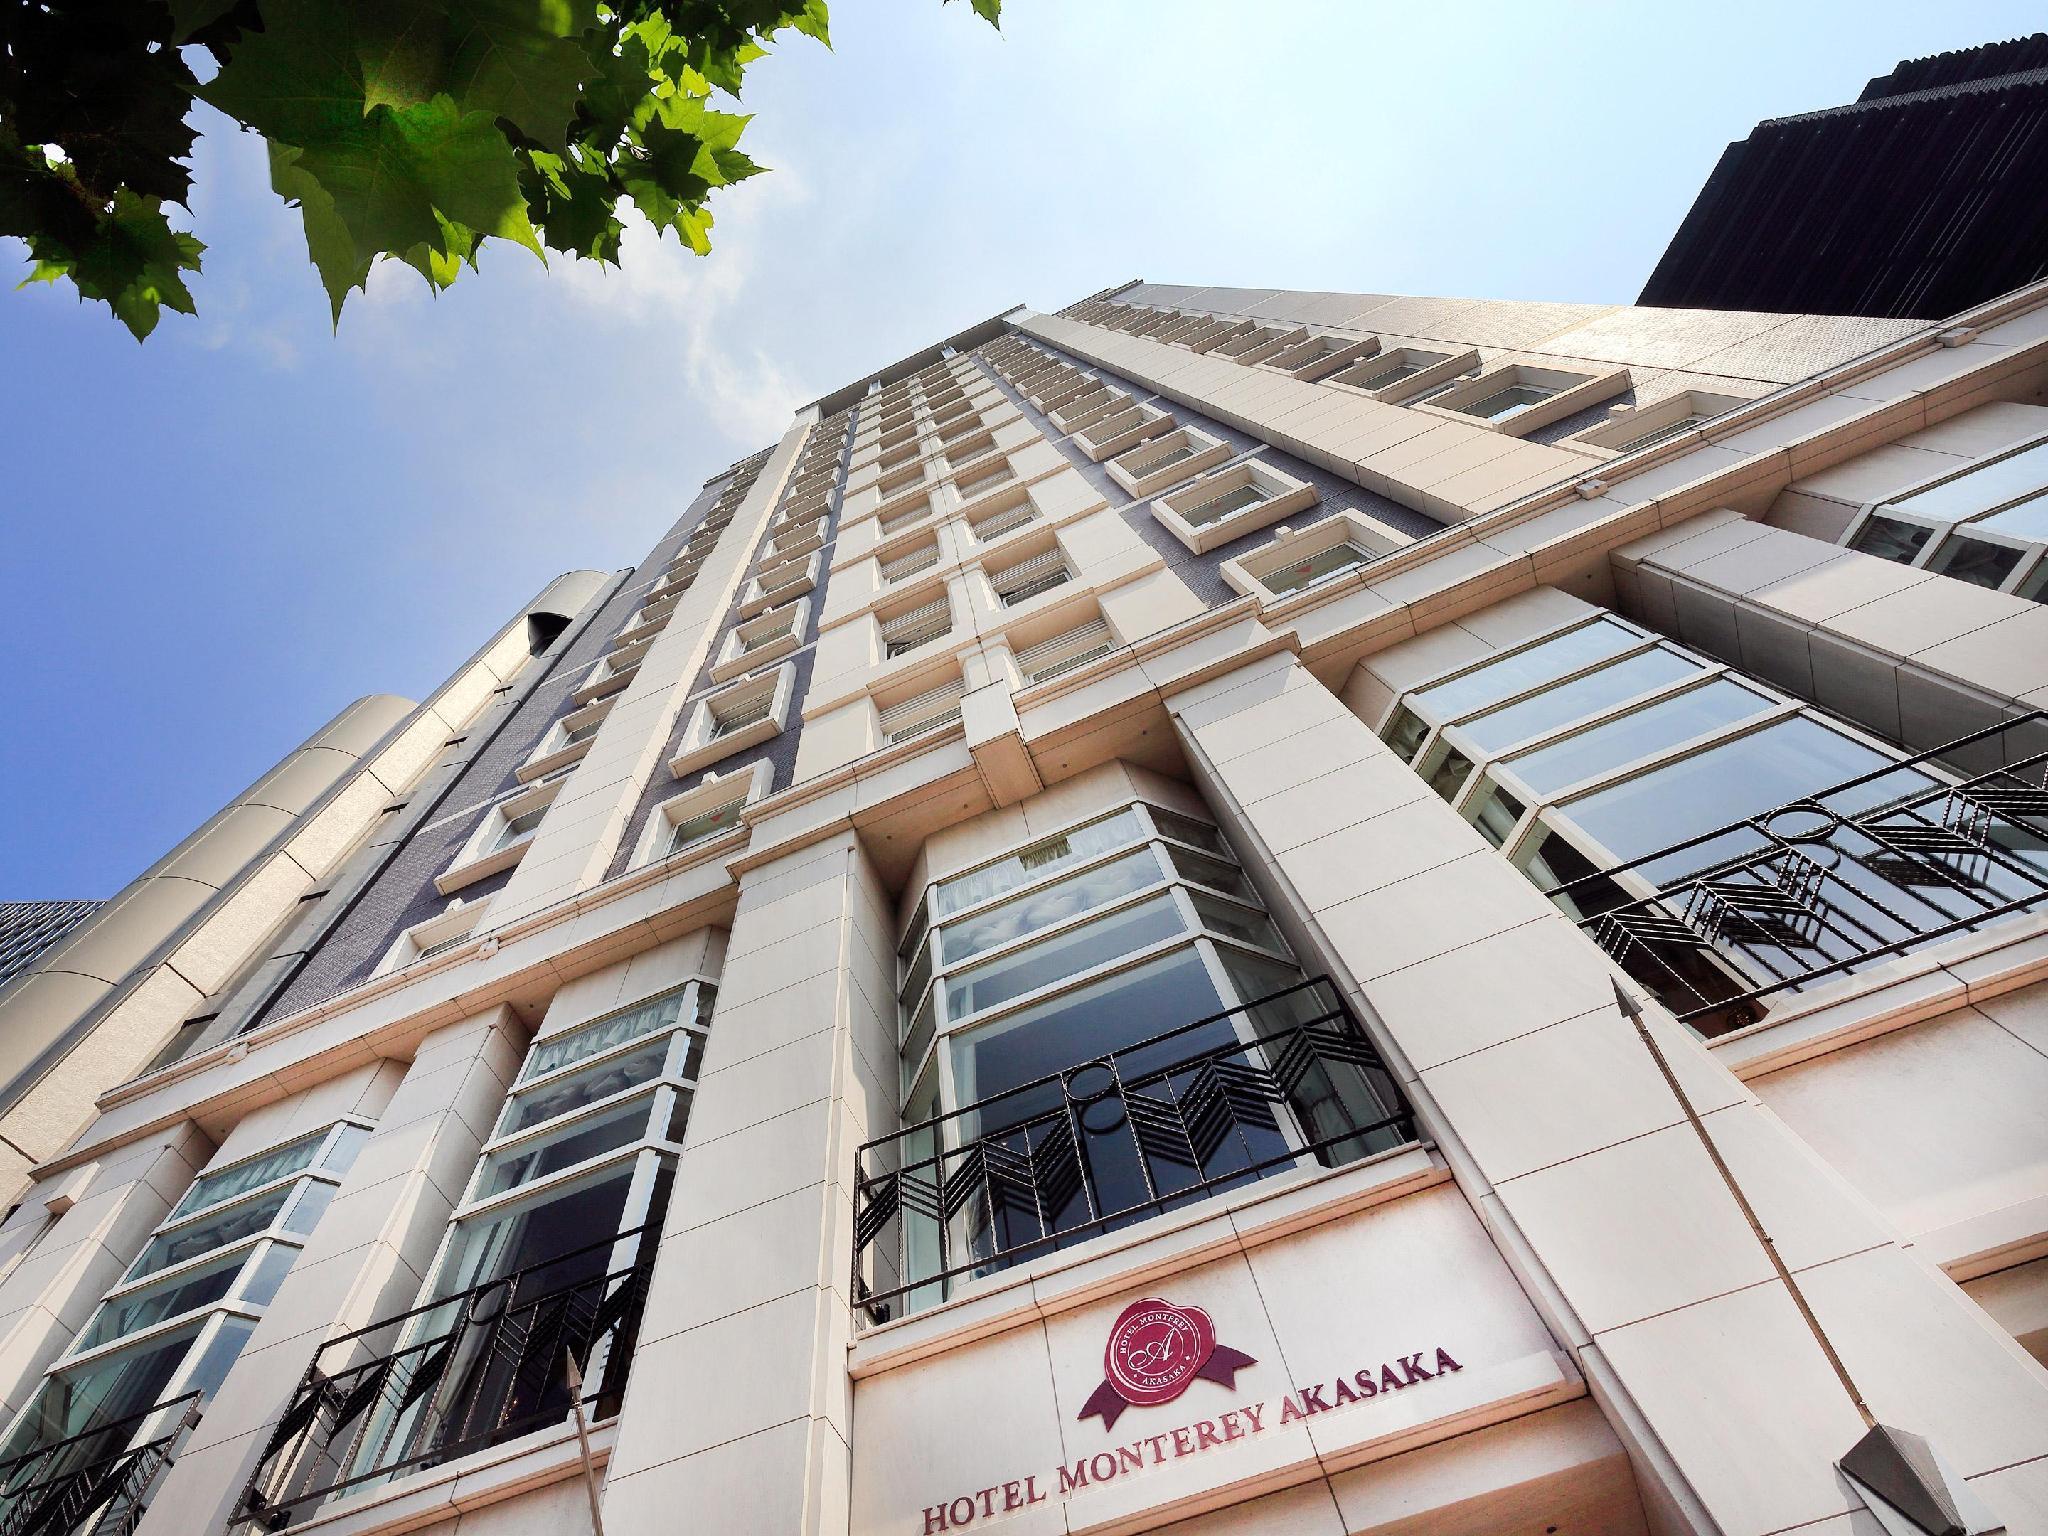 โรงแรมมอนเทอเร่ย์อากาซากะ